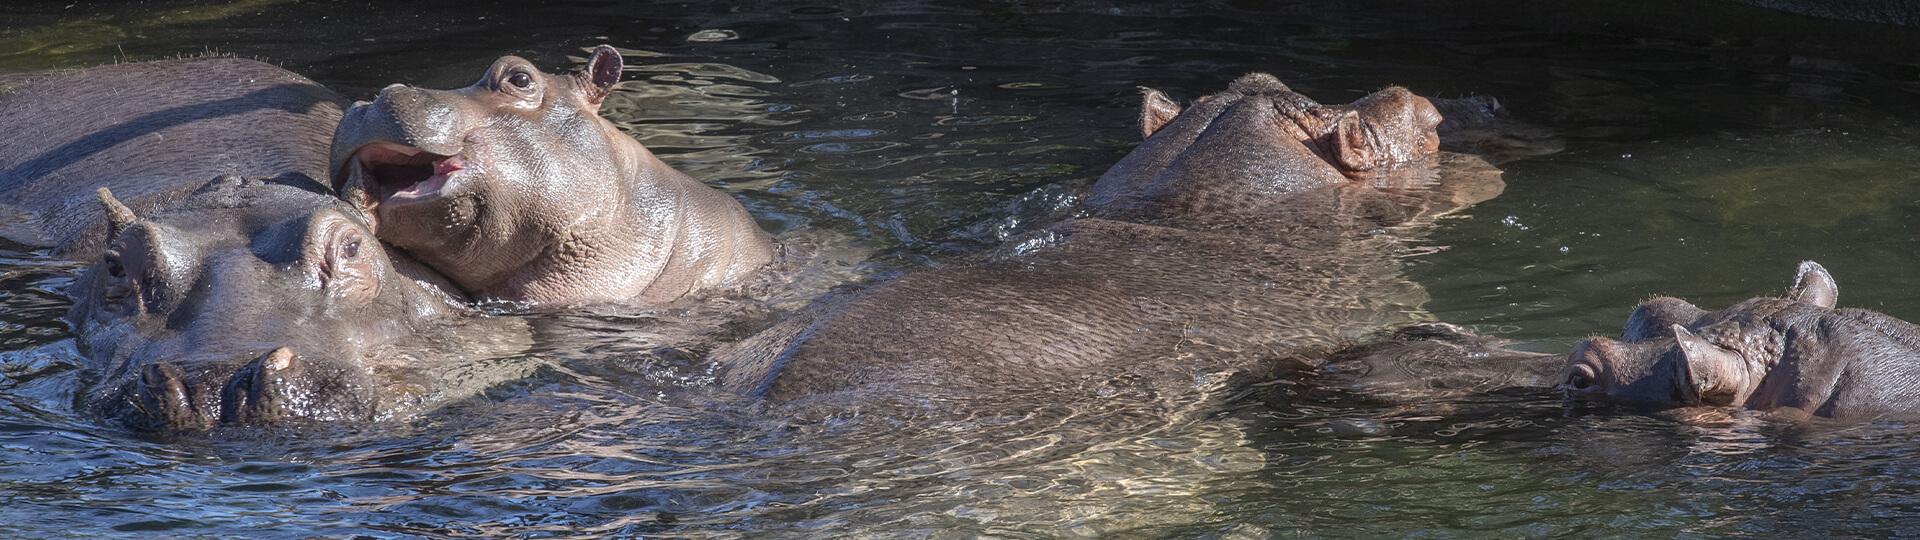 Le groupe d'hippopotames au complet